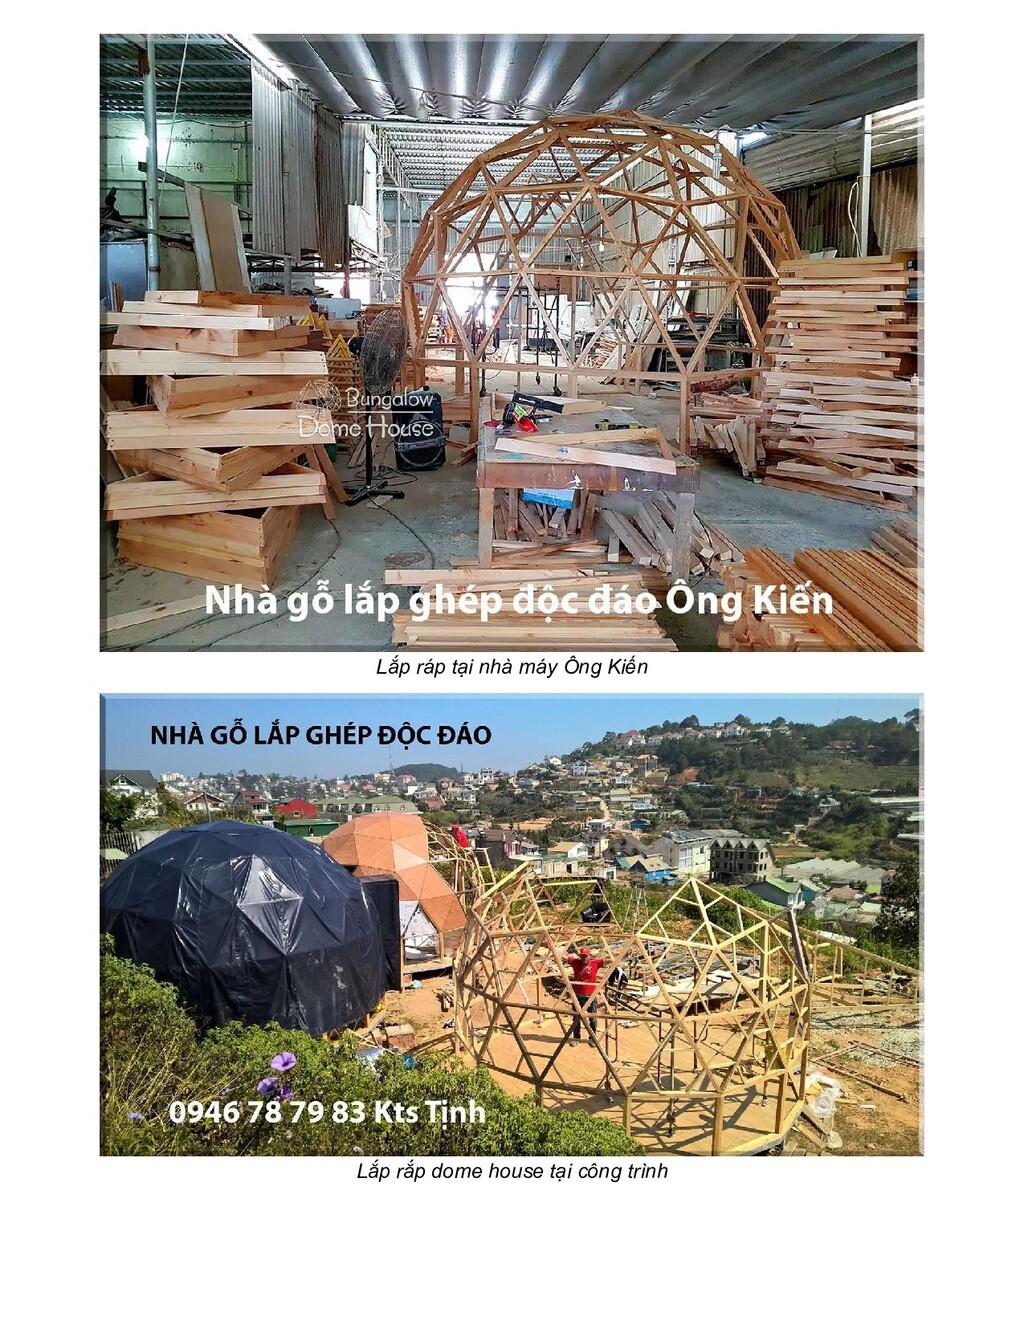 Lắp ráp tại nhà máy Ông Kiến Lắp rắp dome house...